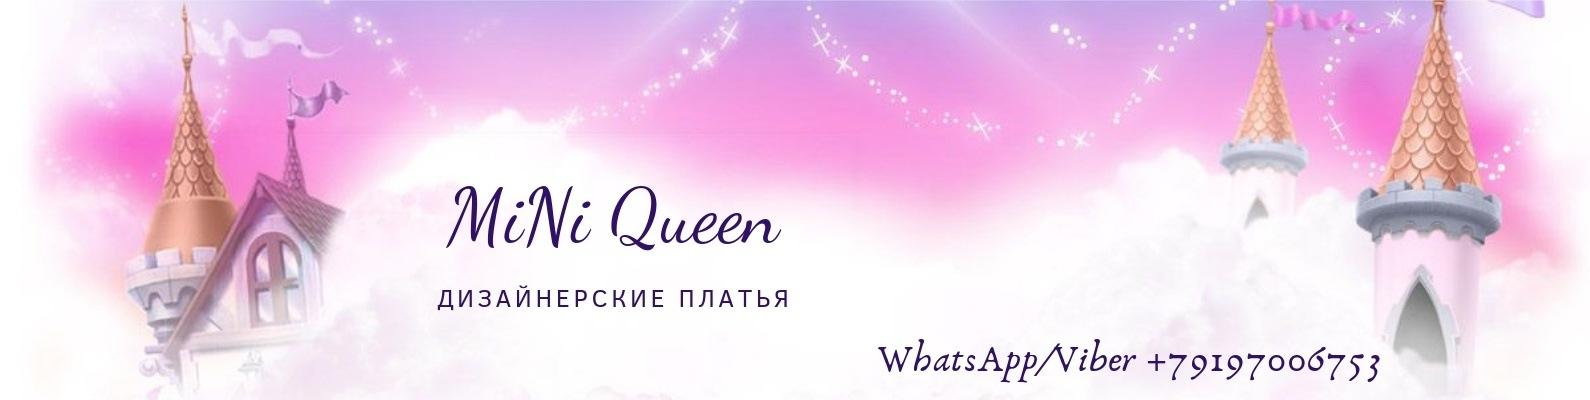 Mini Queen вконтакте